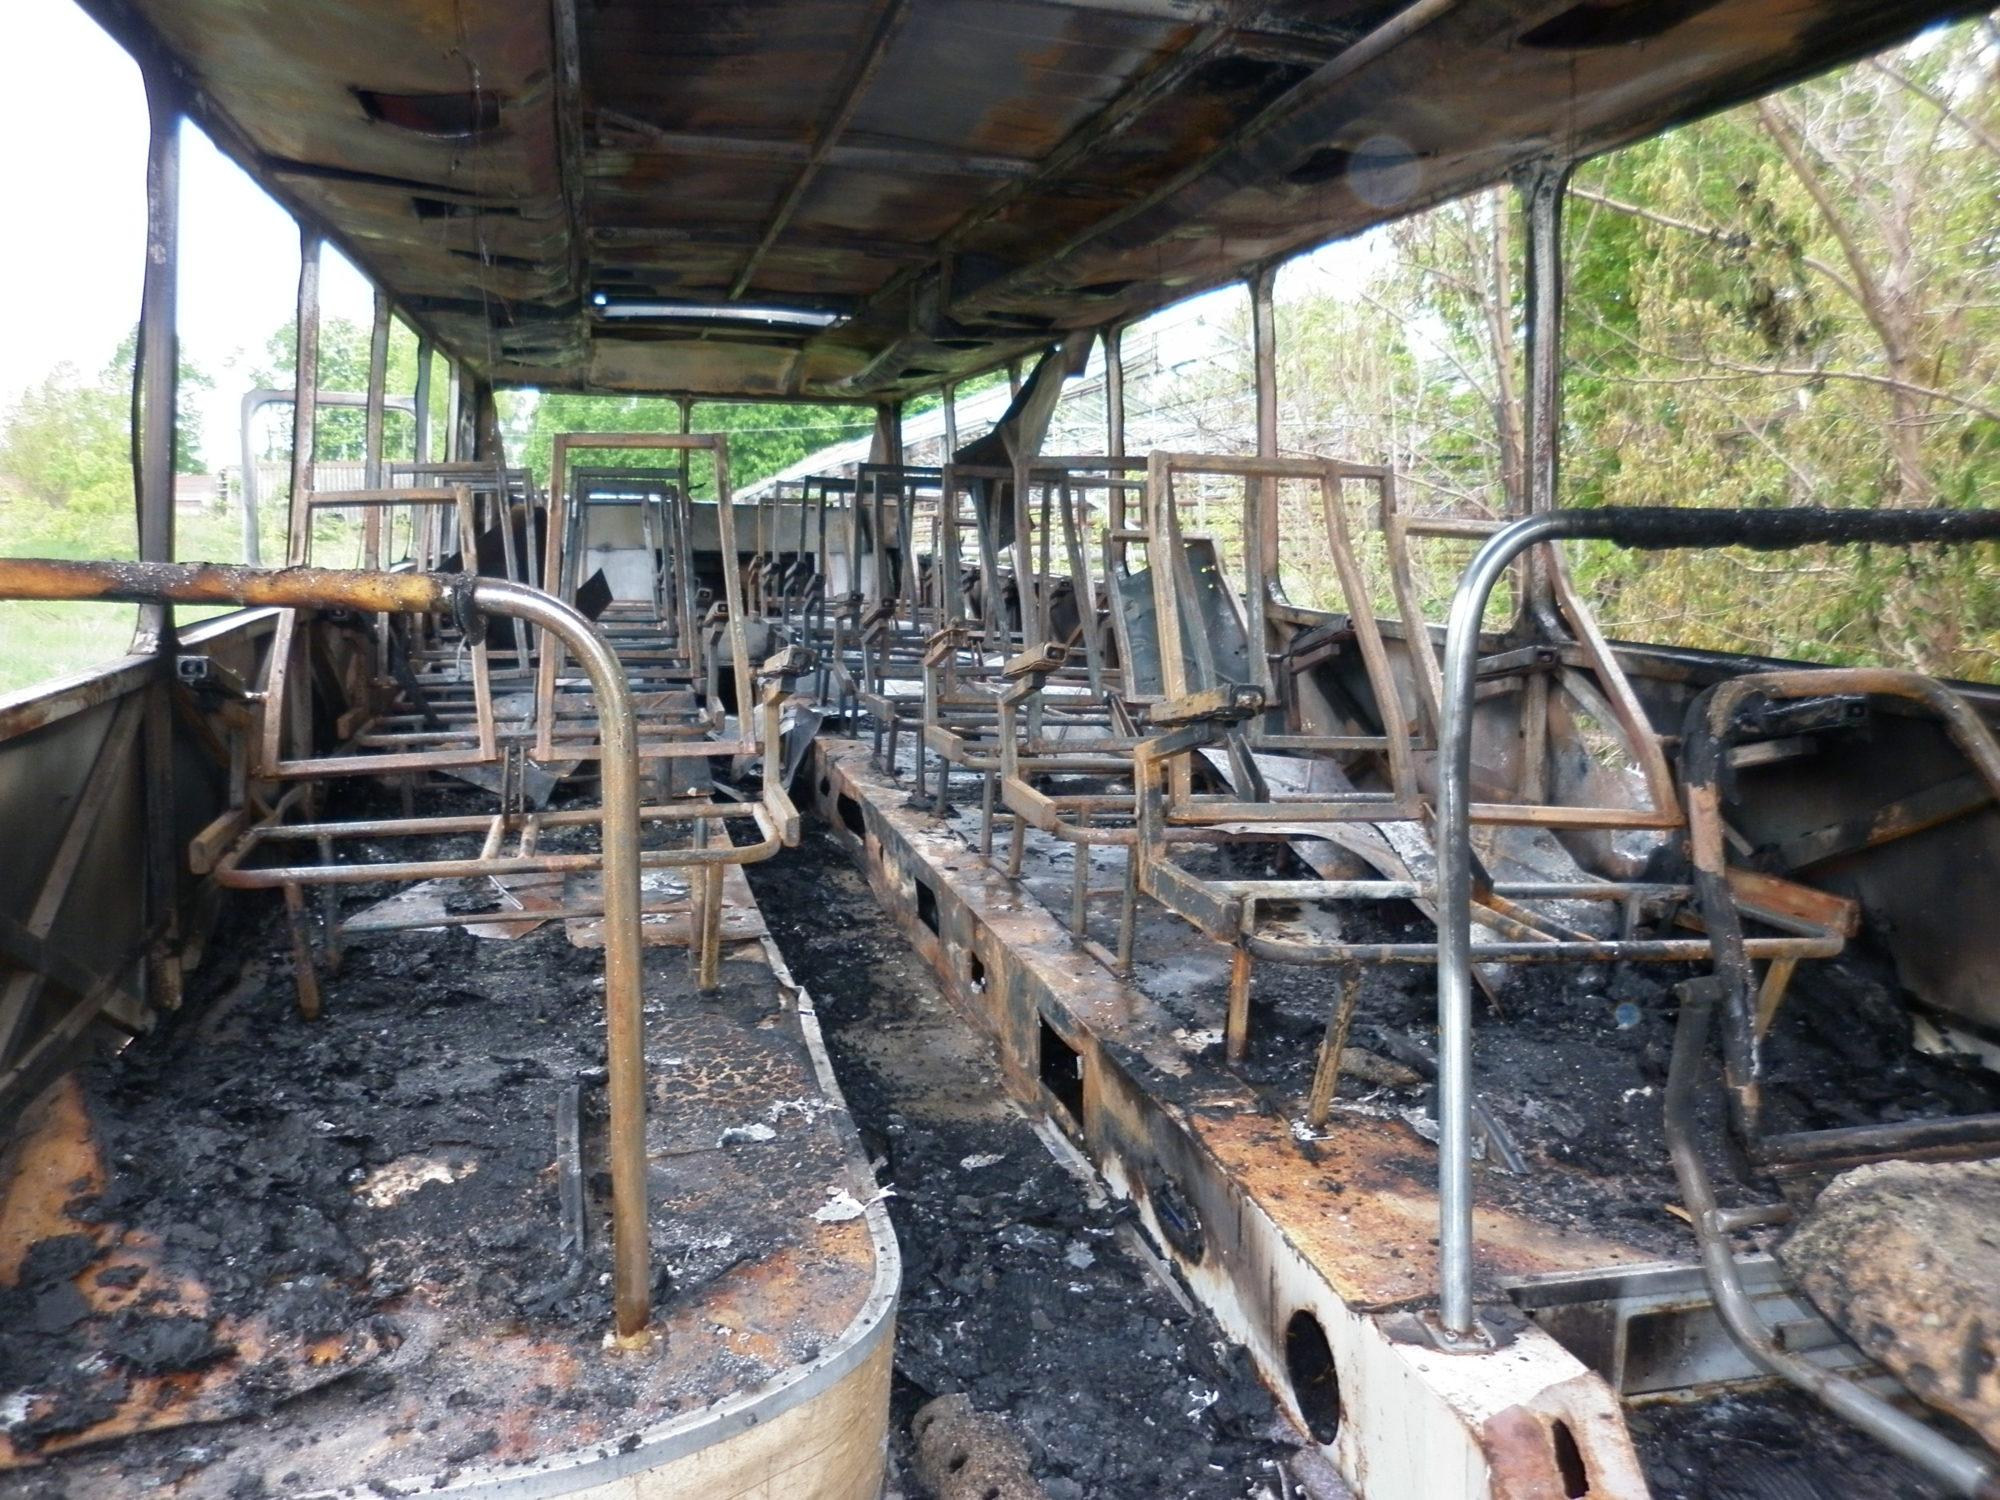 У Ржищеві на Київщині вщент згорів автобус -  - P1010035 2000x1500